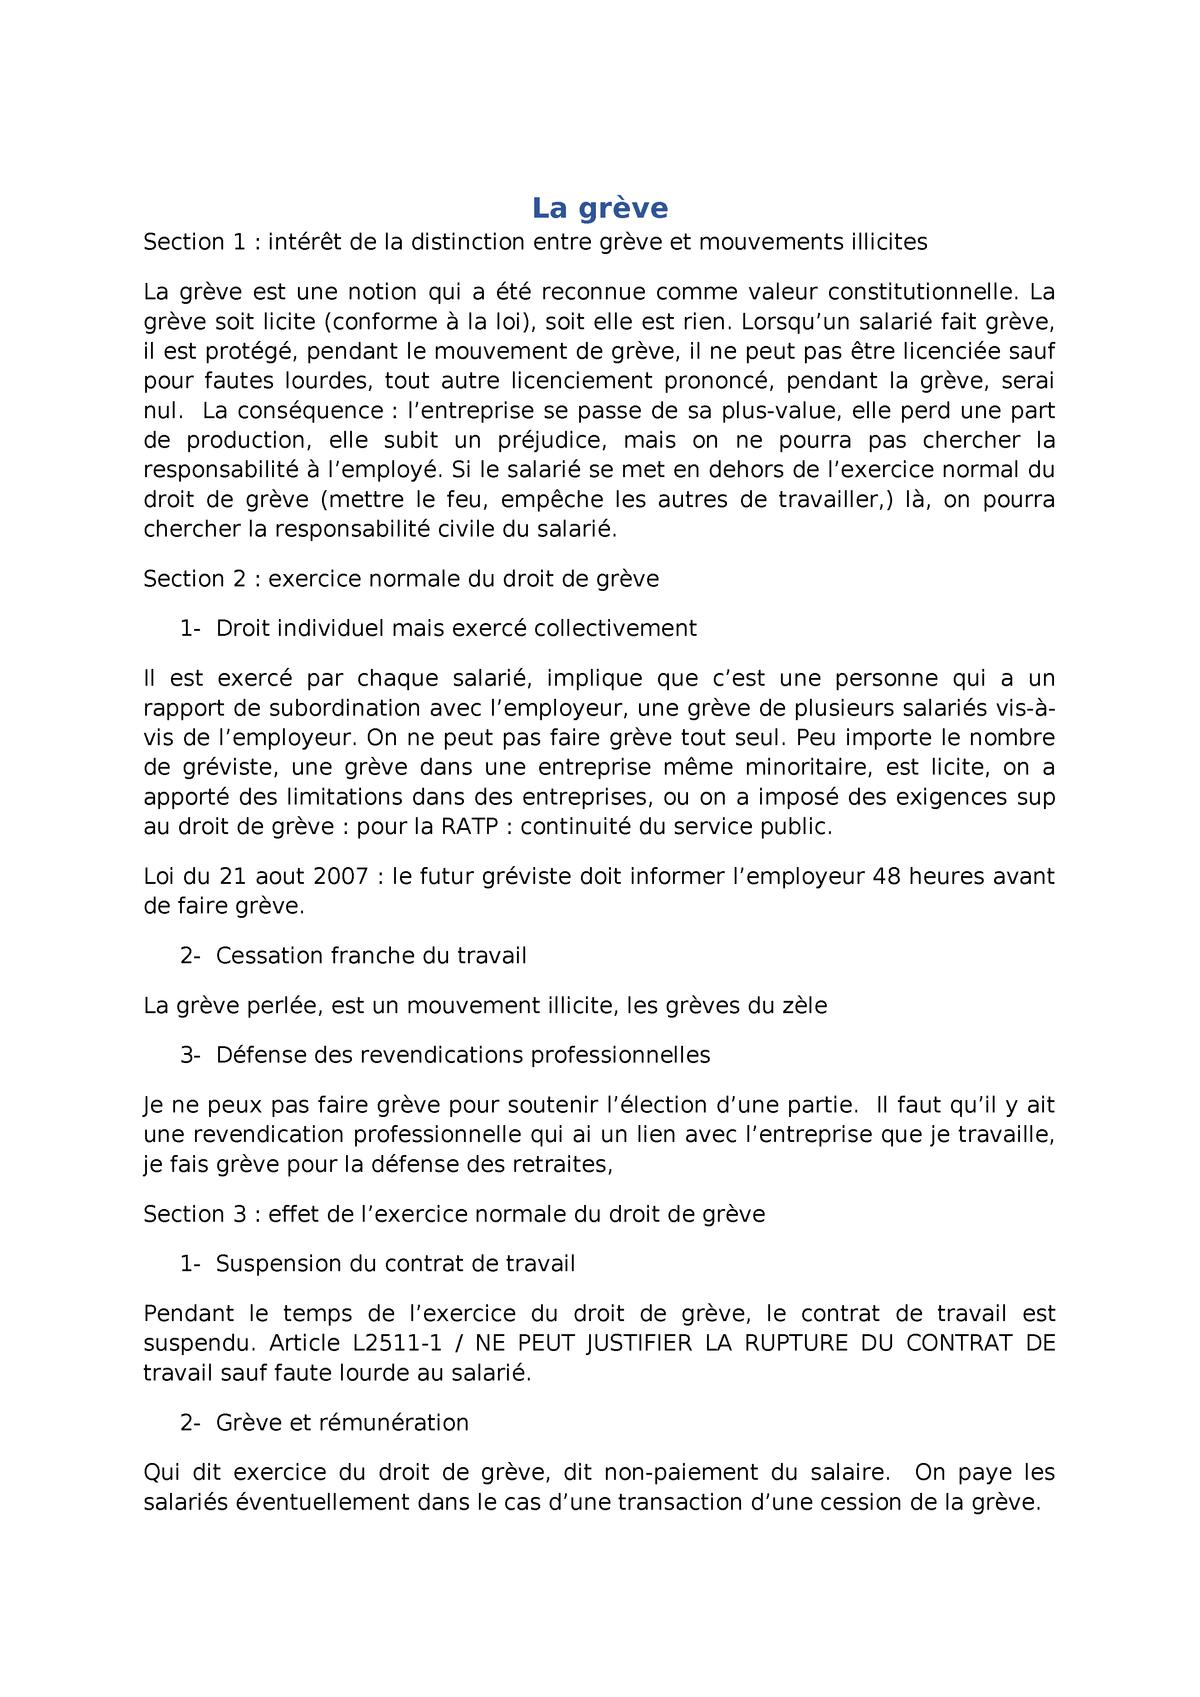 La Greve Notes De Cours Icp Studocu